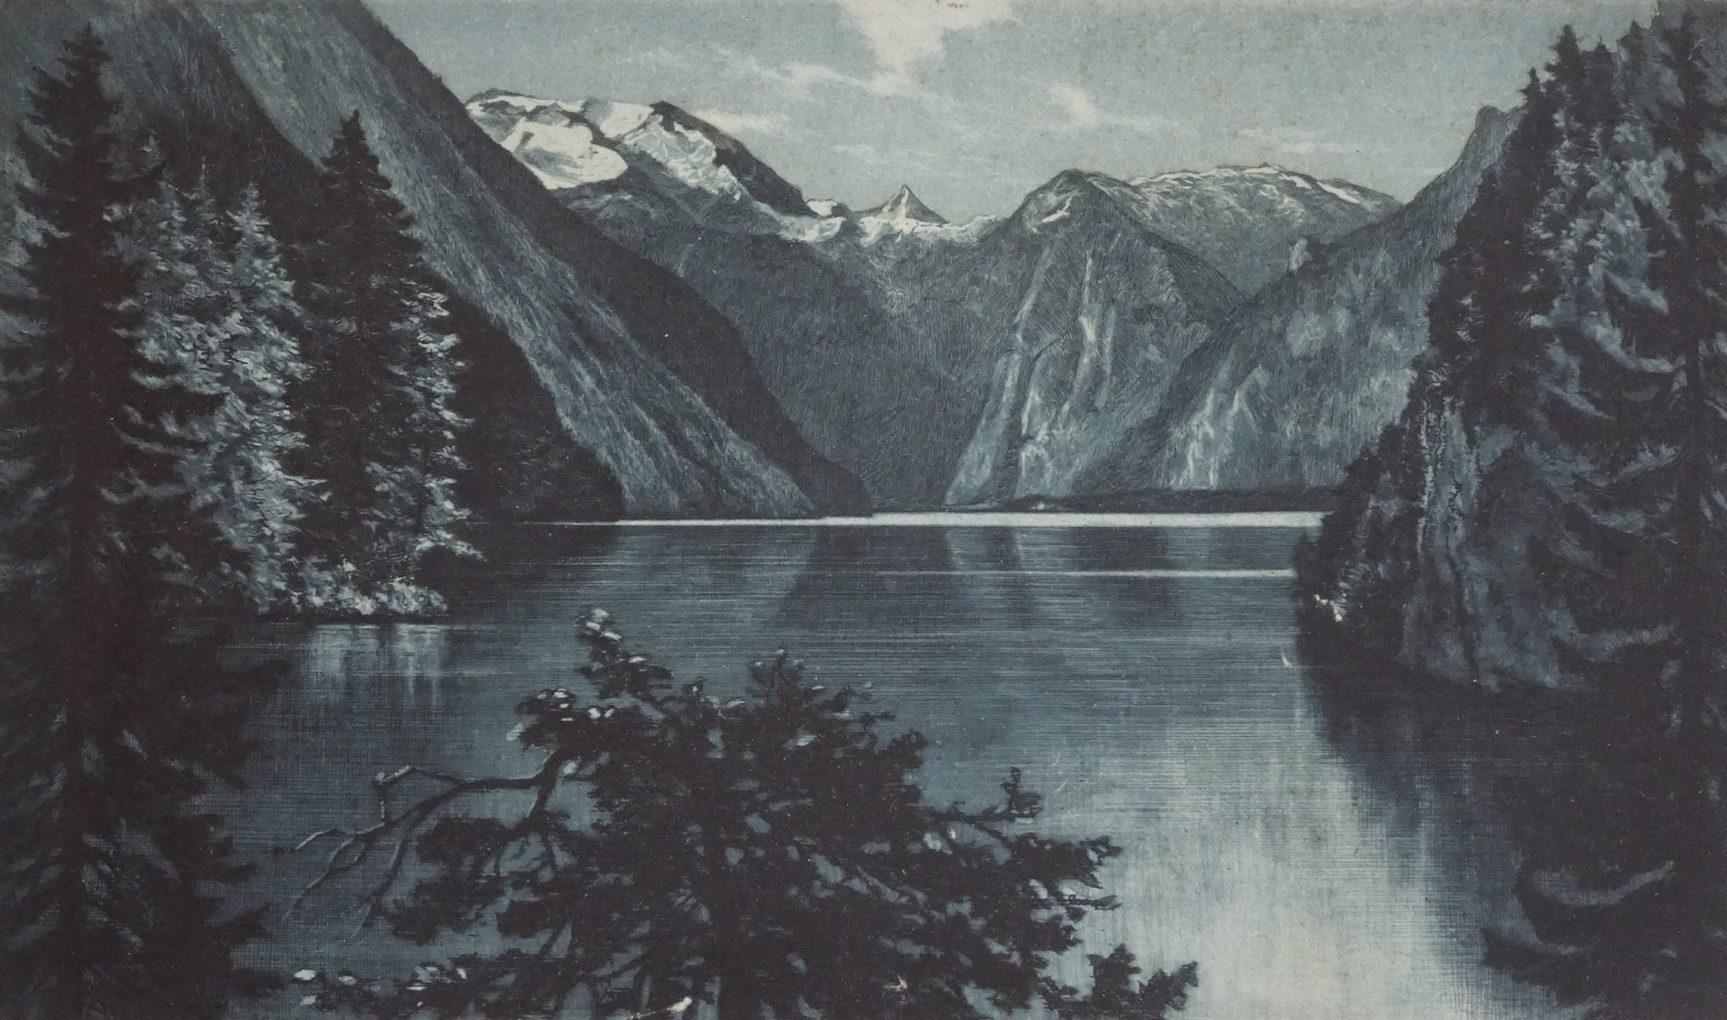 Arthur Tesmmers?, Königssee, 1. poł. XX w., akwaforta i akwatinta na papierze czerpanym, zbiory prywatne